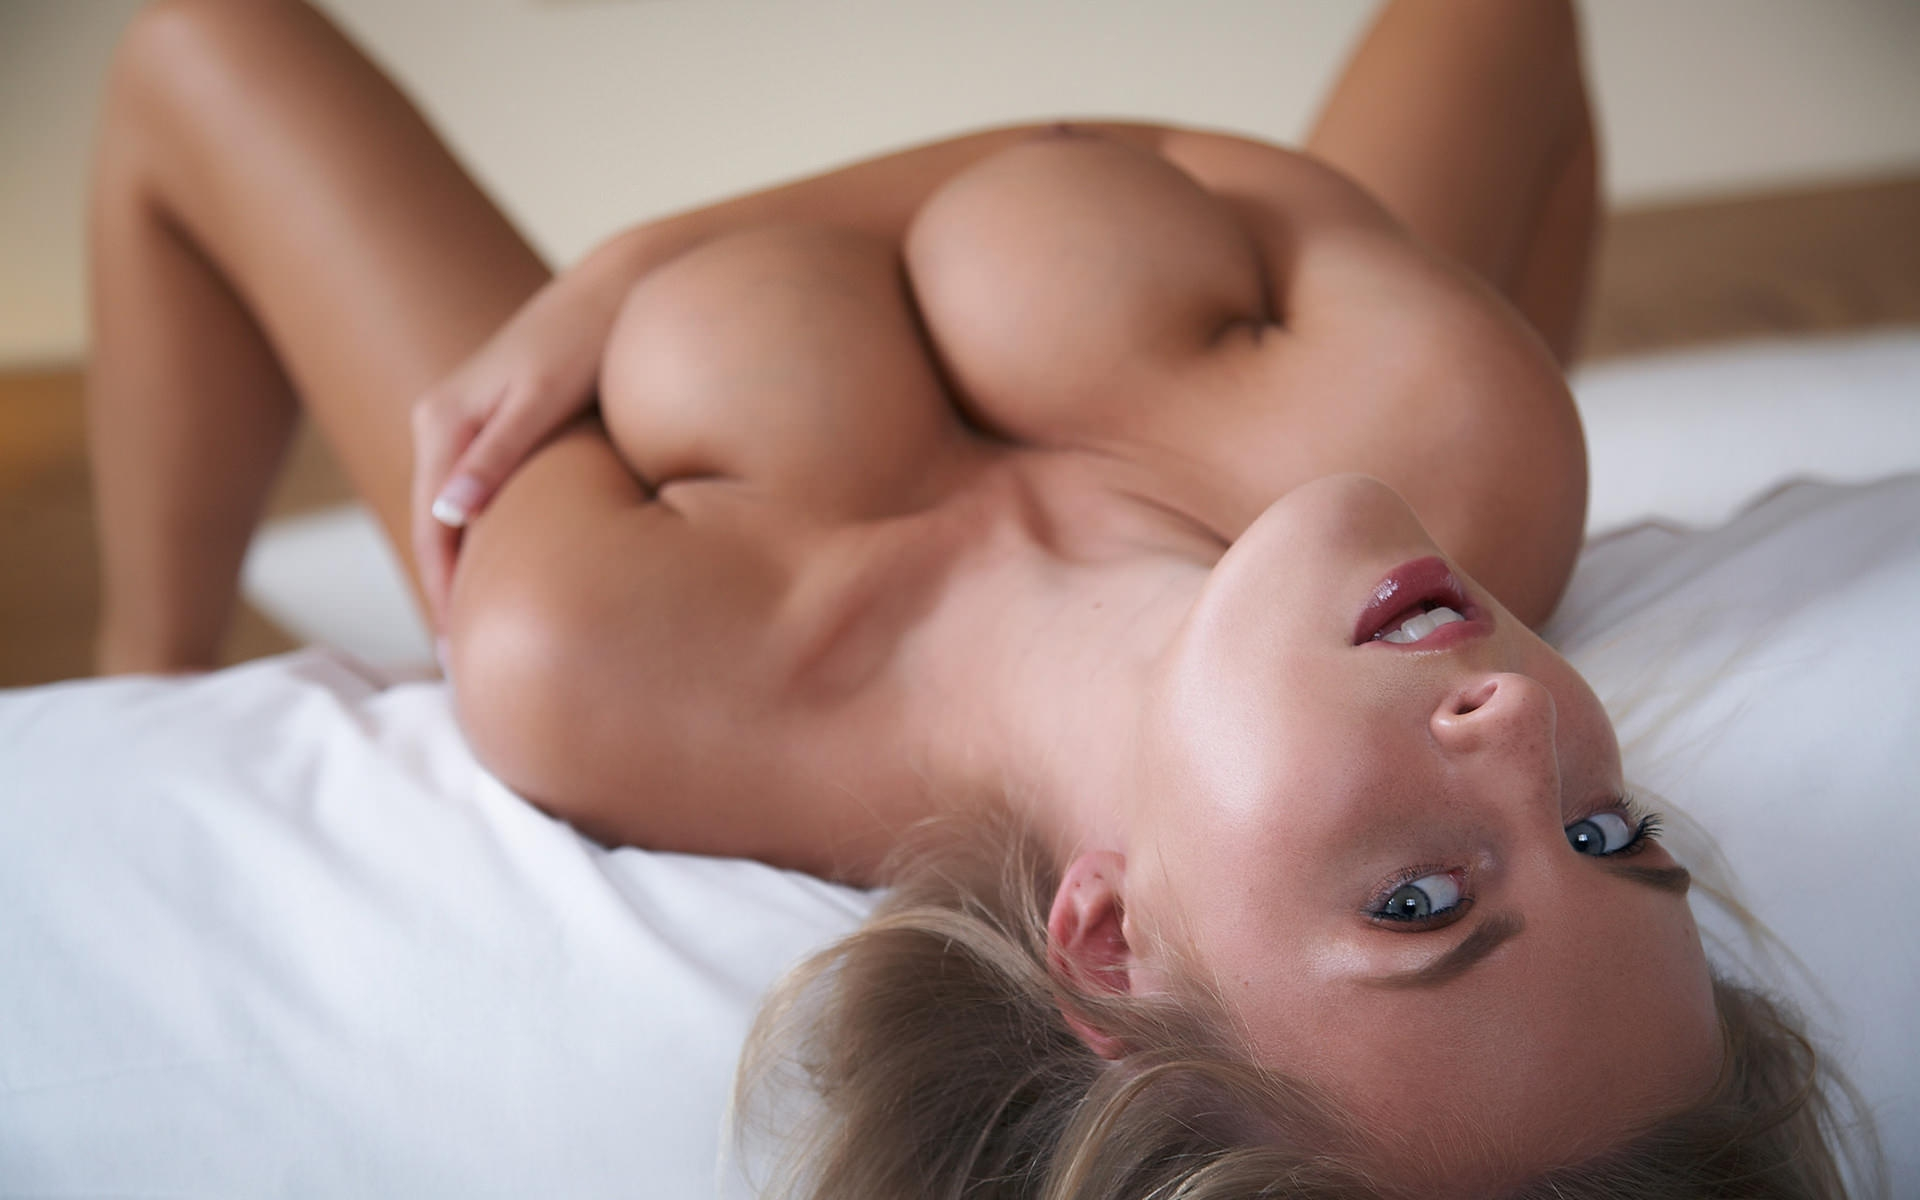 порно картинки gif формат